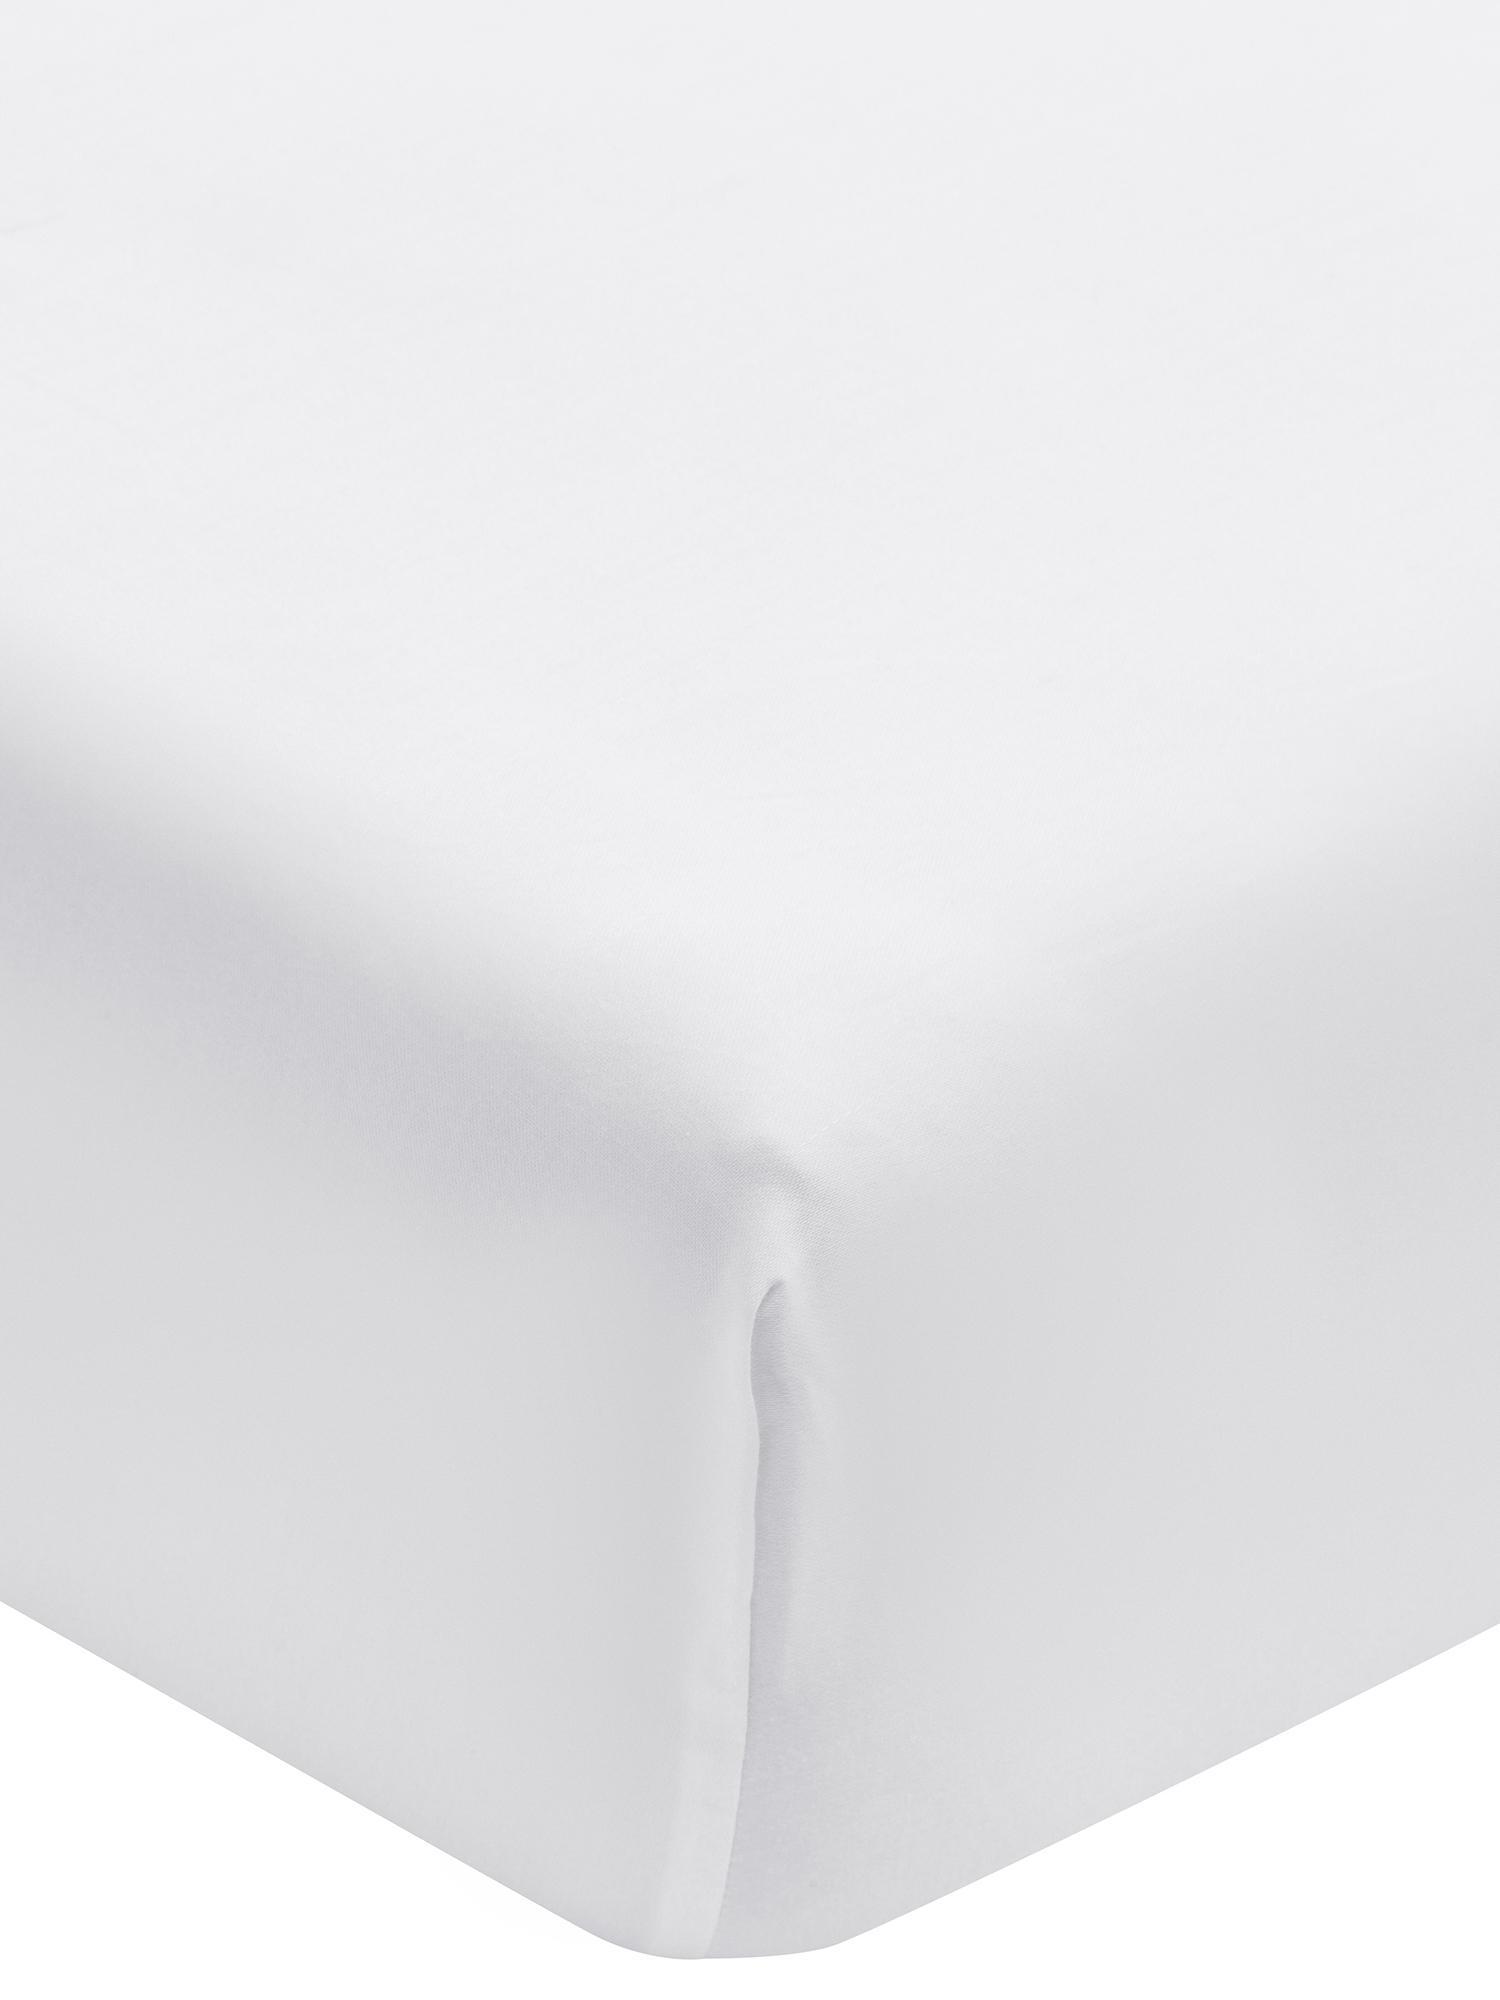 Spannbettlaken Premium in Weiß, Baumwollsatin, Webart: Satin, leicht glänzend, Weiß, 160 x 200 cm